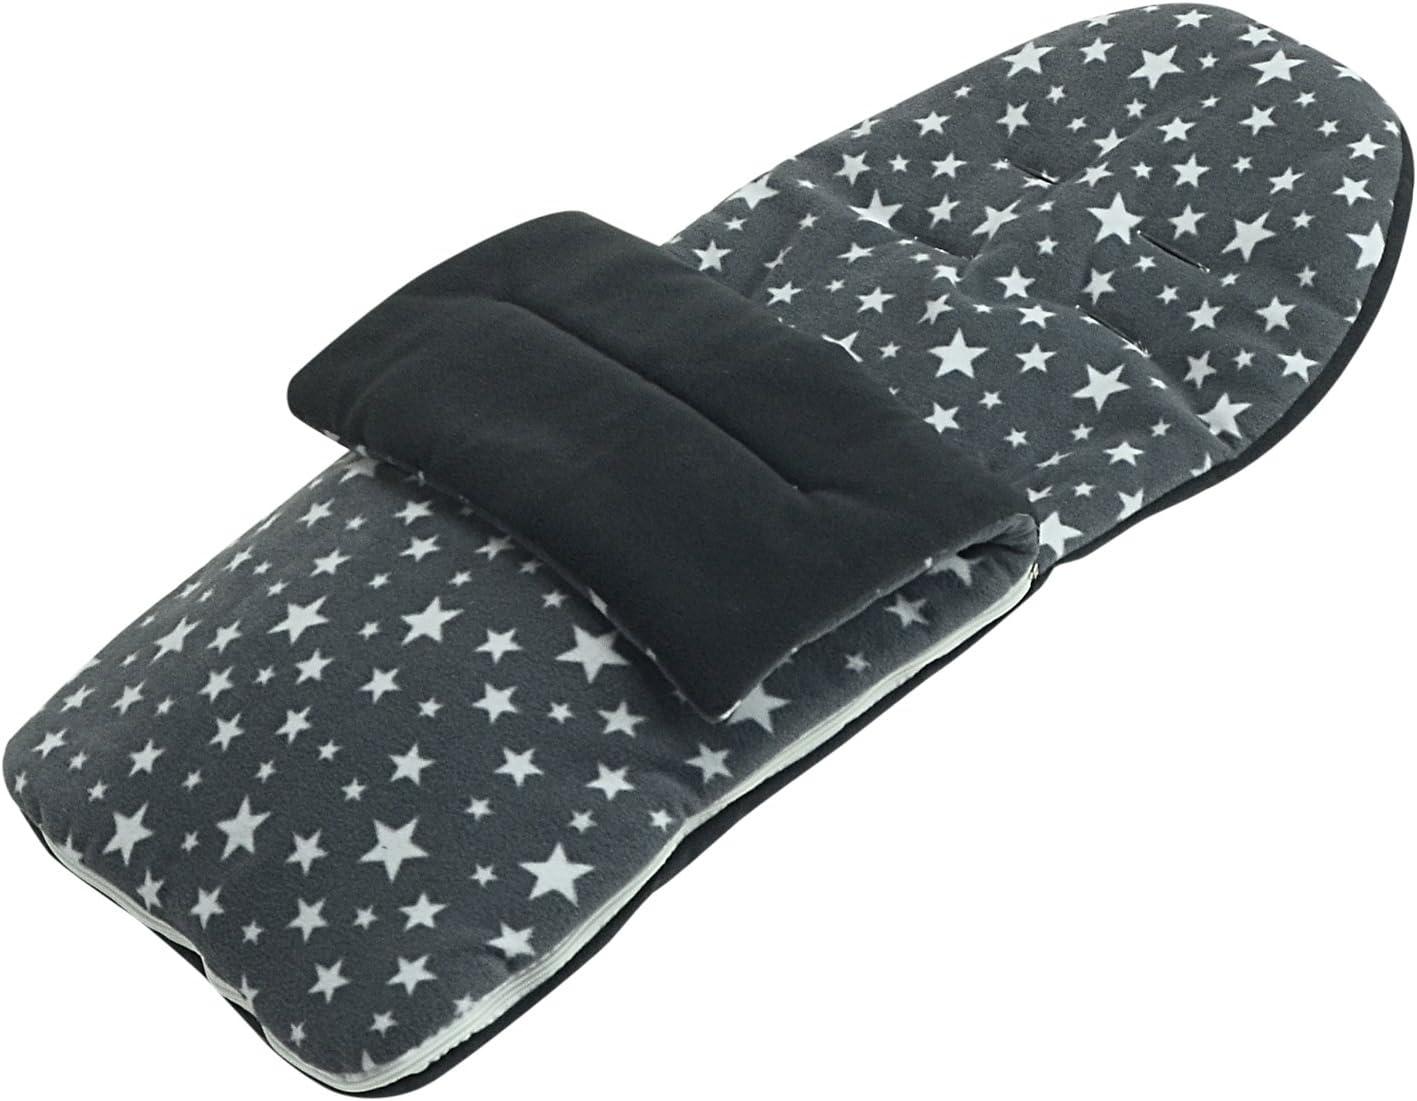 Forro polar saco compatible con Bebecar Stylo/ /gris Star